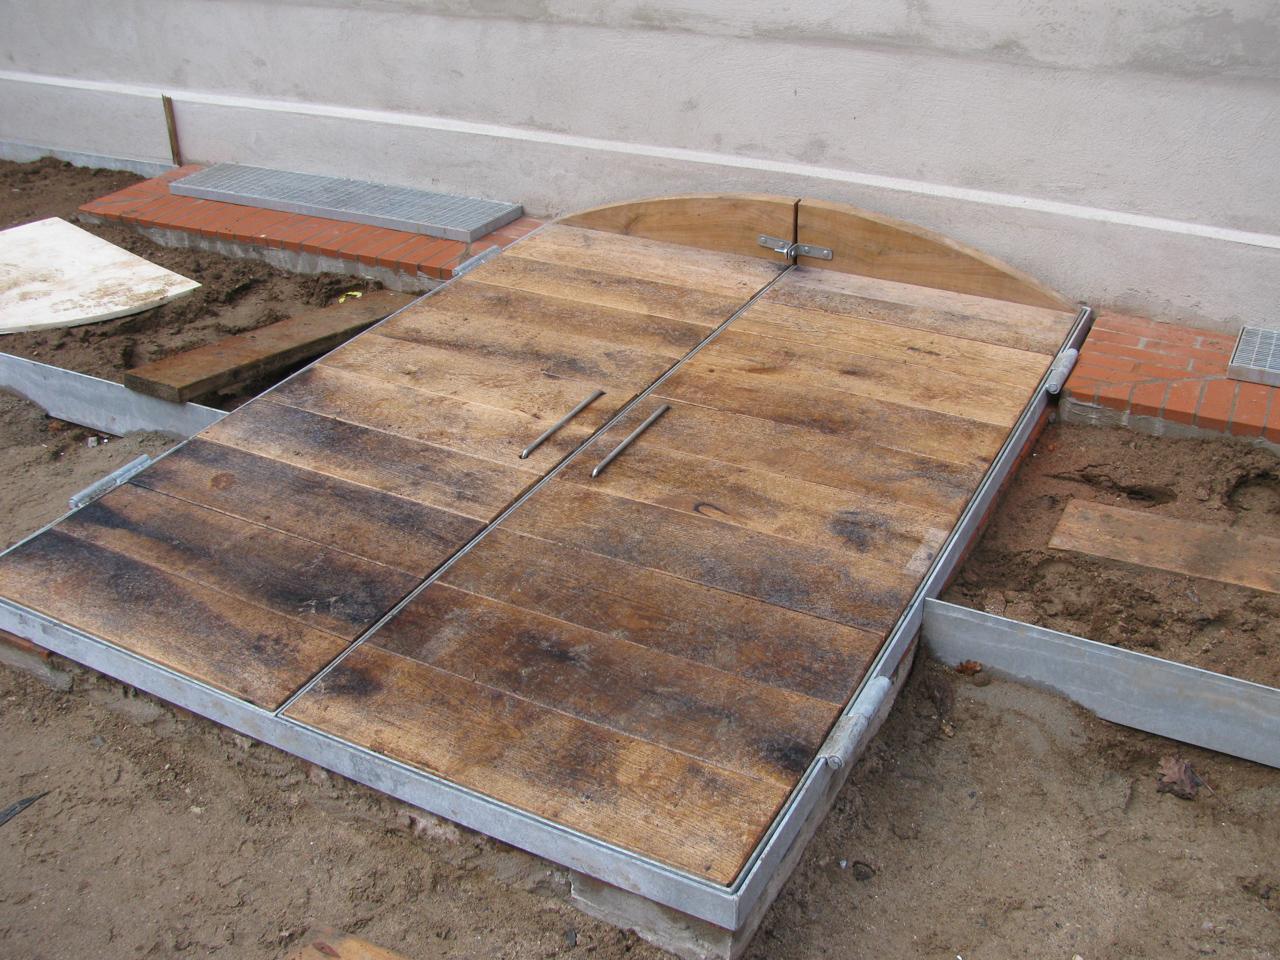 goethe schule wismar garten und landschaftsbau crivitz gmbh. Black Bedroom Furniture Sets. Home Design Ideas